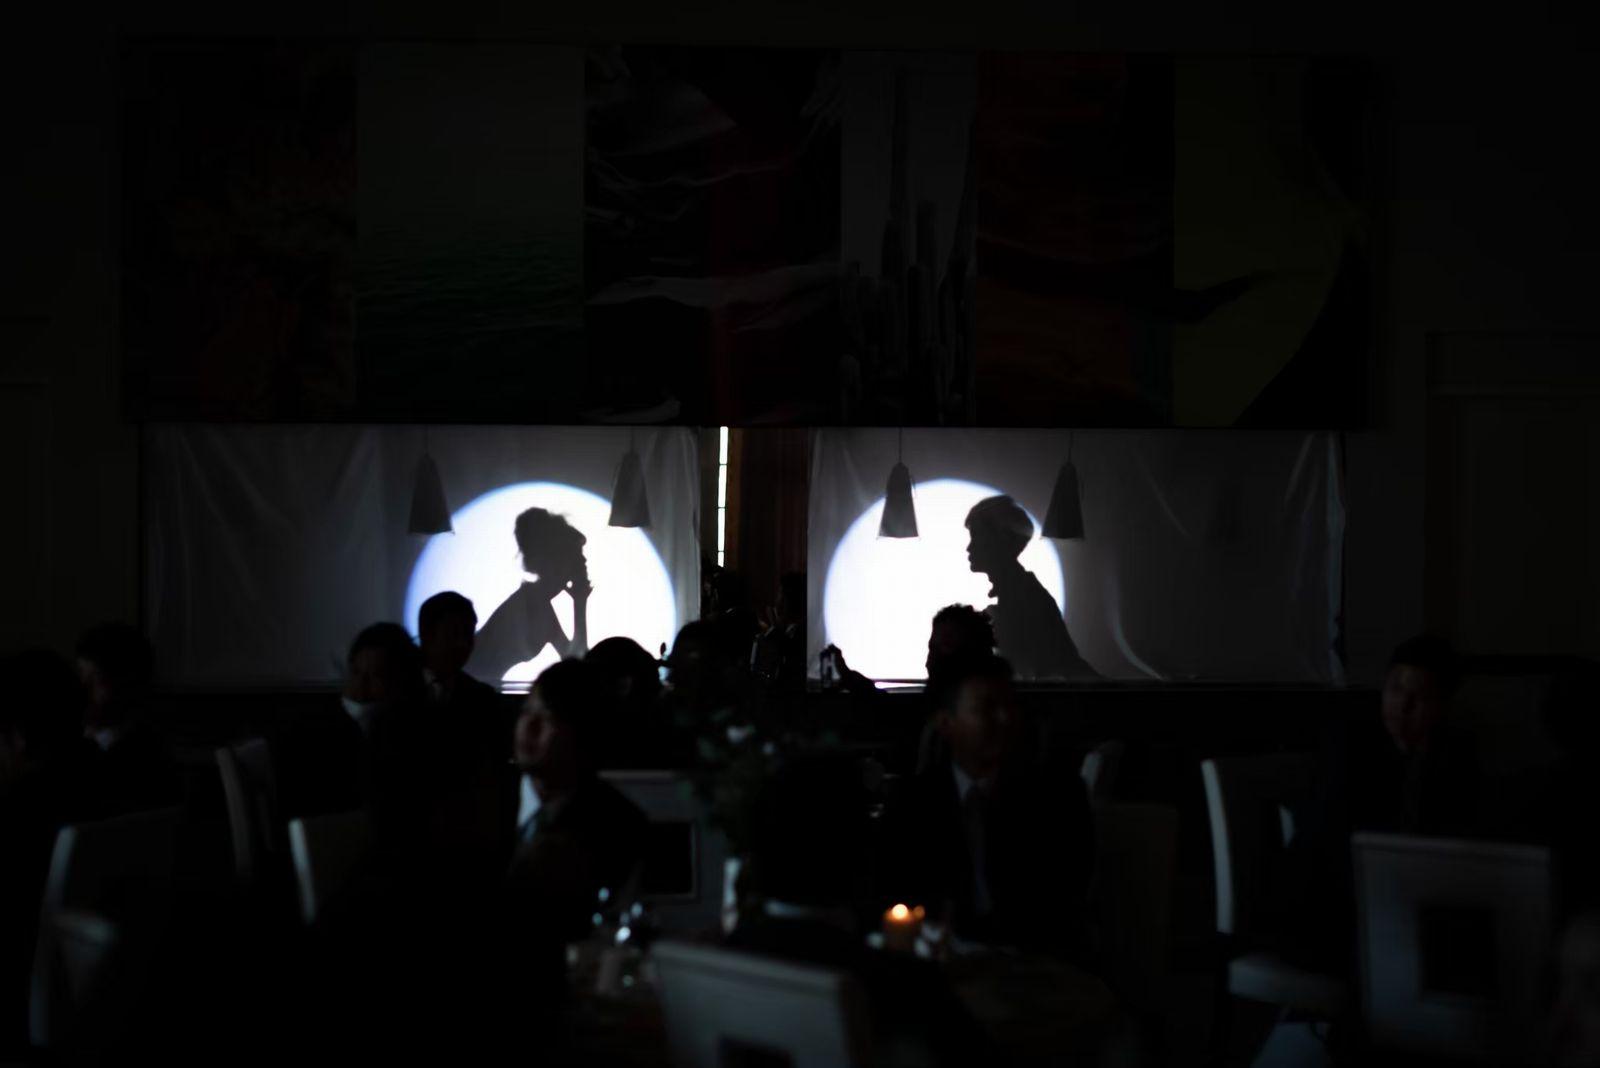 香川県の結婚式場シェルエメール&アイスタイル シルエット入場